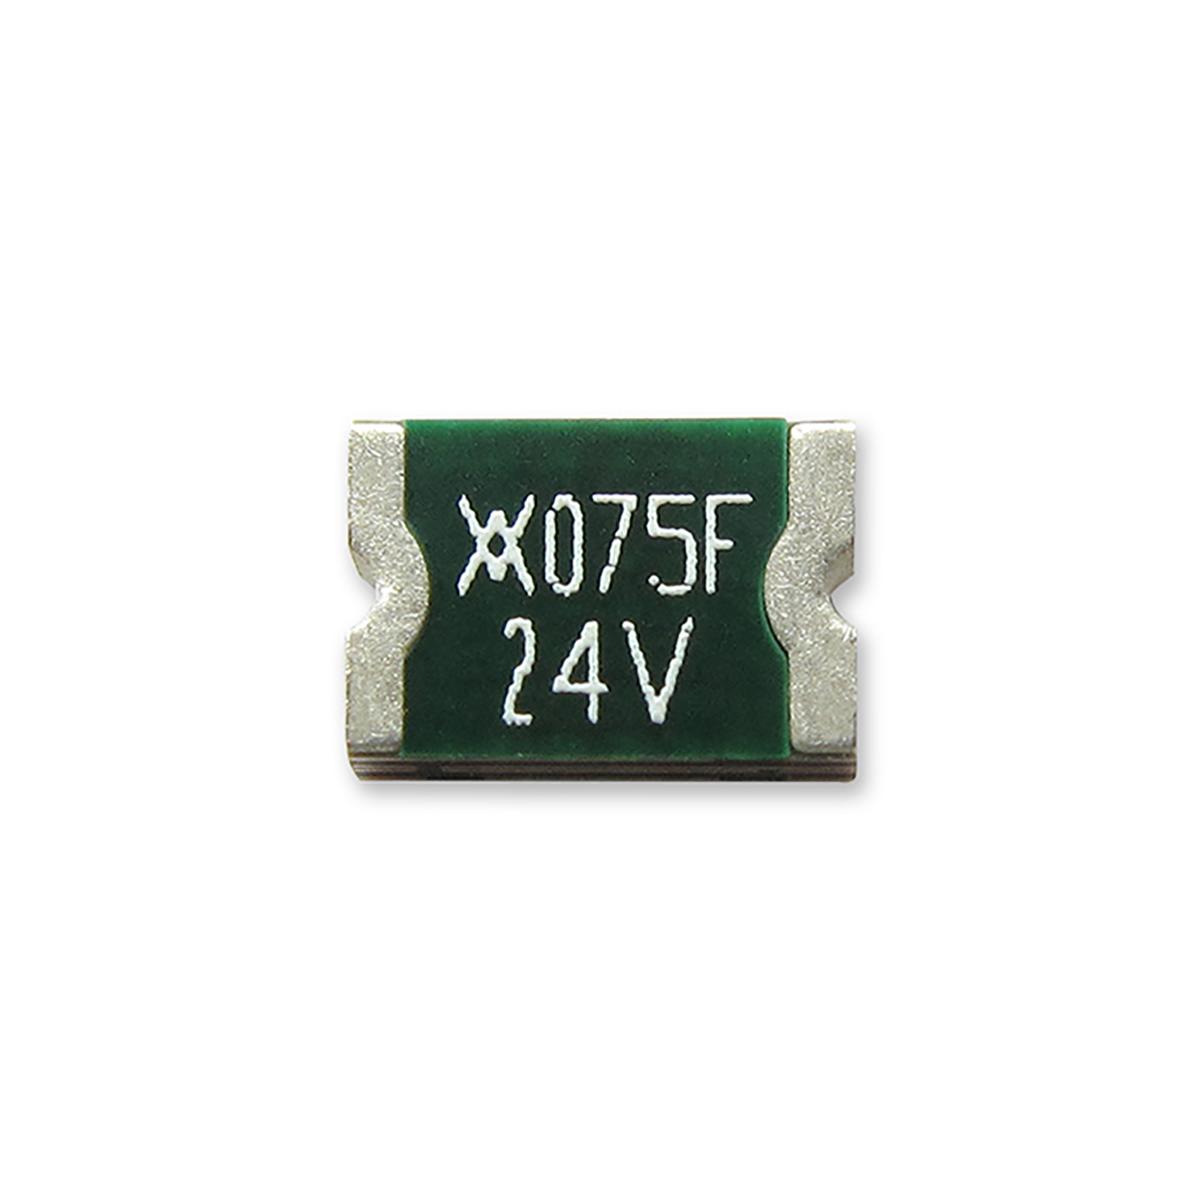 MINISMDC075F/24-2